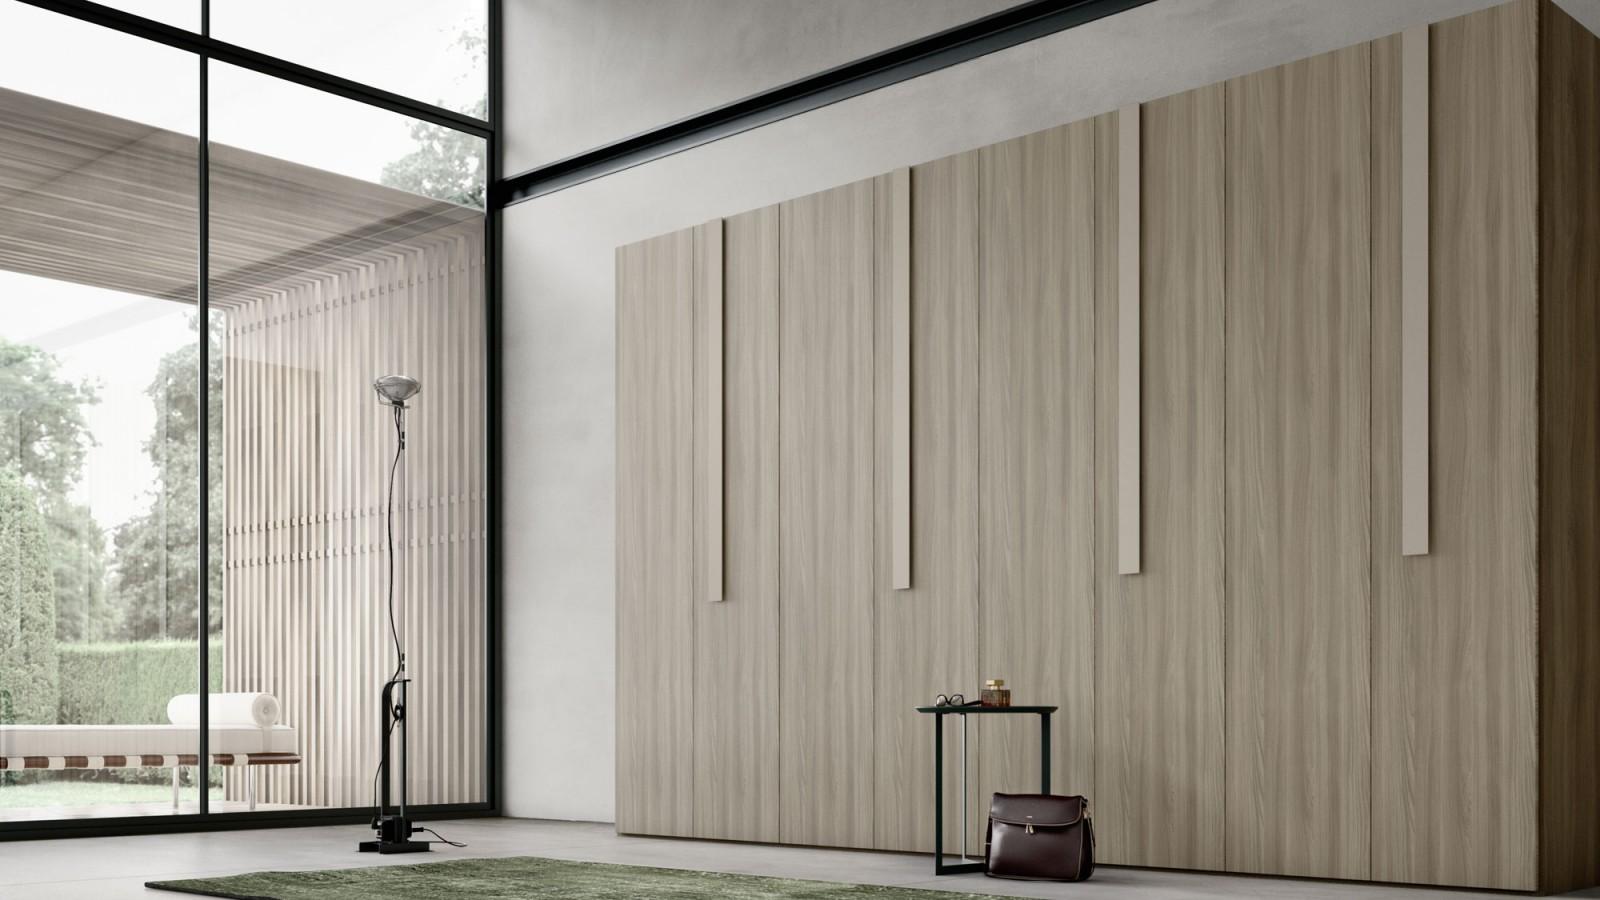 Orme-armadio-Line-3-guardaroba-moderno-design-battente-camera-arredamento-interni-mobili-righetti-novara